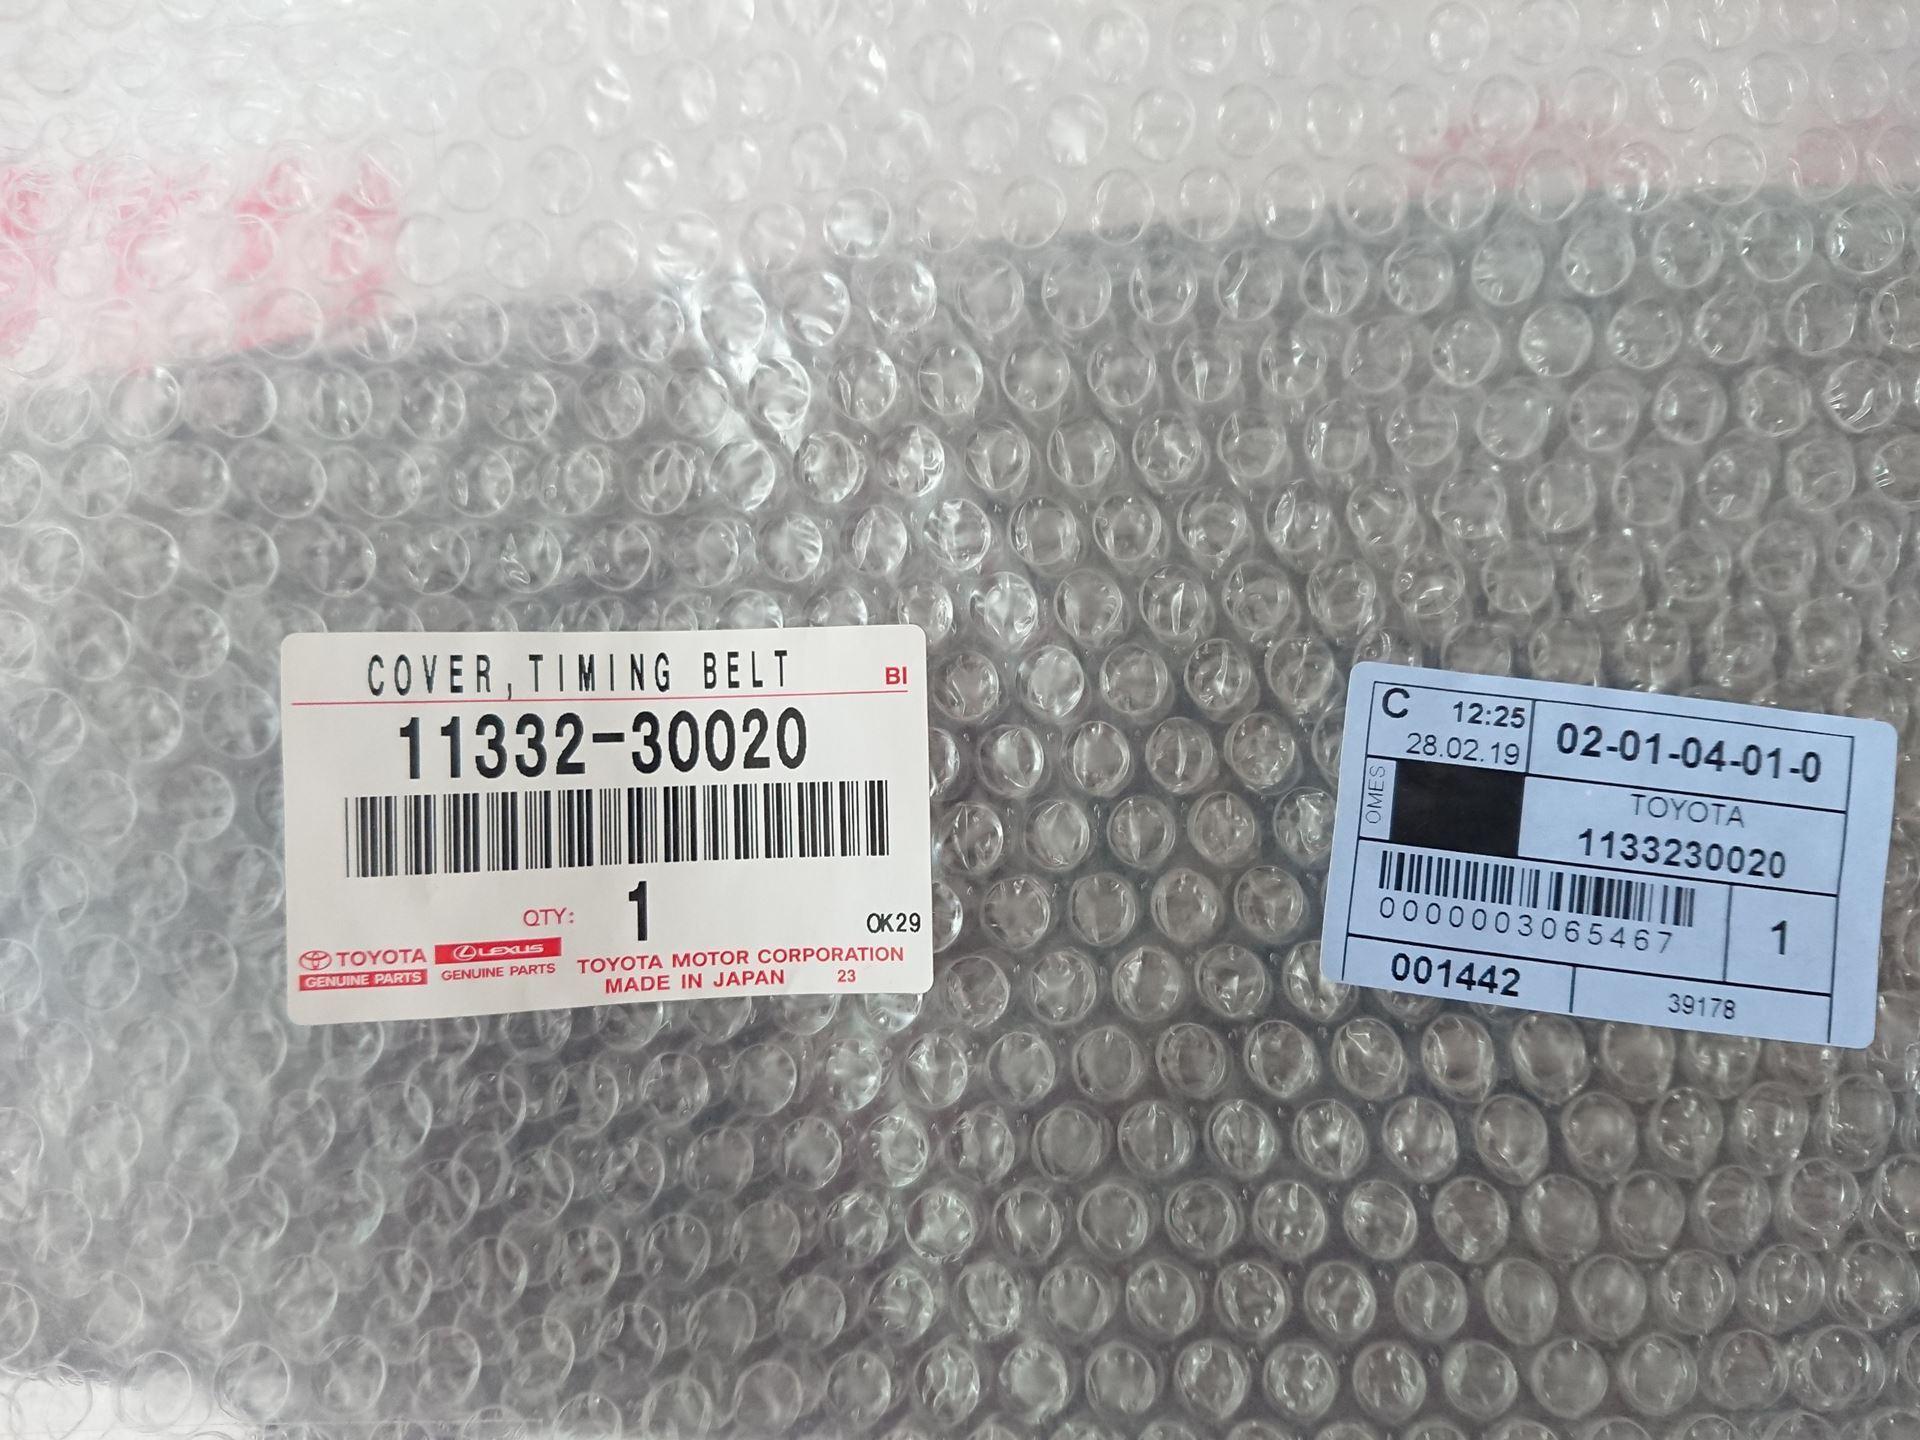 Picture of 11332-30020 Nắp cam ngoài động cơ Toyota Fortuner, Hilux, Hiace máy 1KD, 2KD